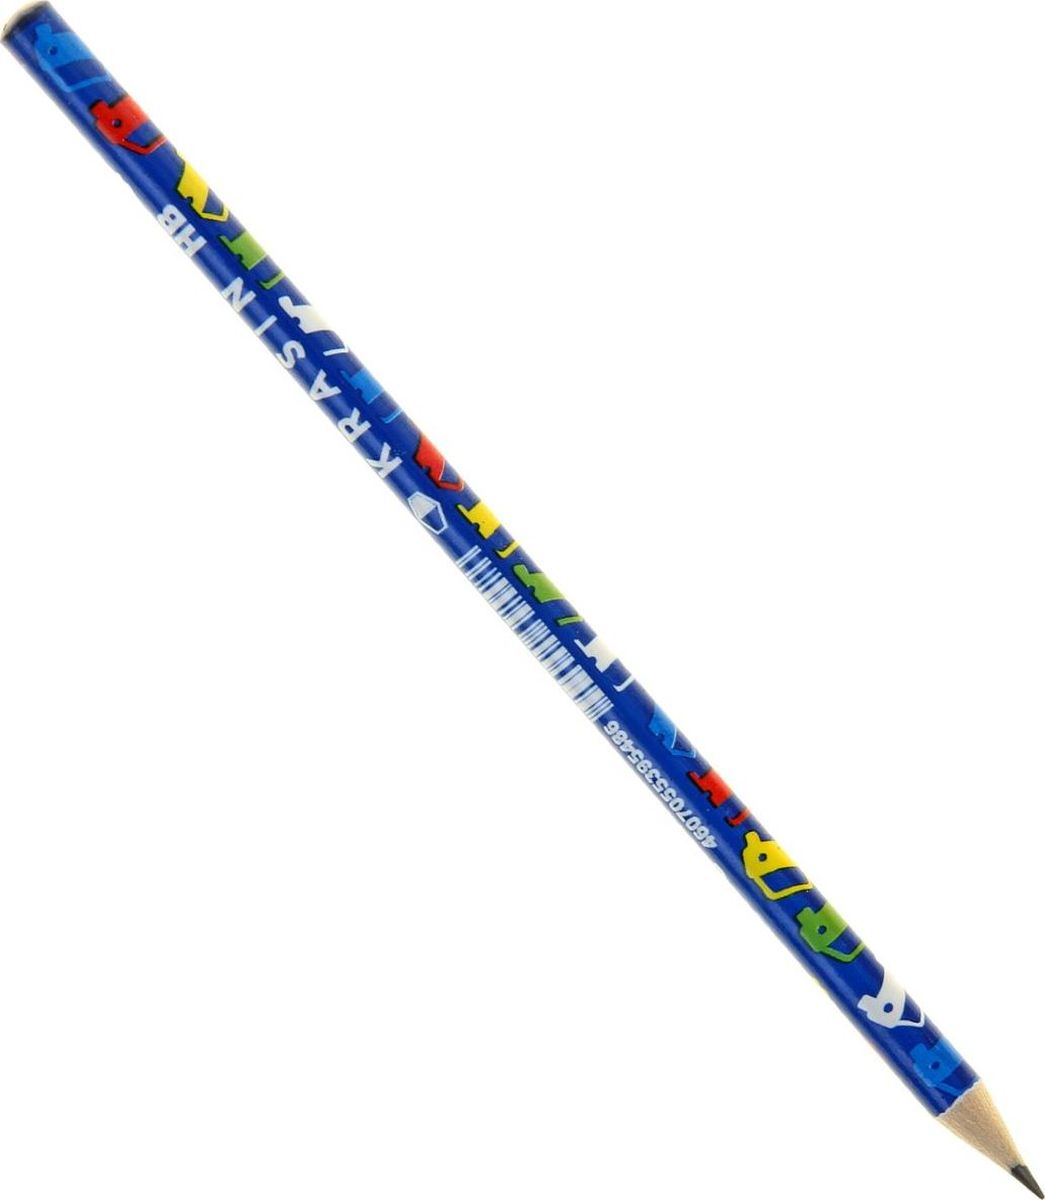 Красин Карандаш чернографитный Автомобили1143177Простые чернографитные карандаши - основа любого художественного начинания. Что бы вы ни делали - эскизы, рисунки, наброски - этот инструмент становится важнейшим и незаменимым помощником. Очень важно, чтобы грифель был качественным, не оставлял неряшливых и неопрятных следов, не пачкал руки и не ломался.